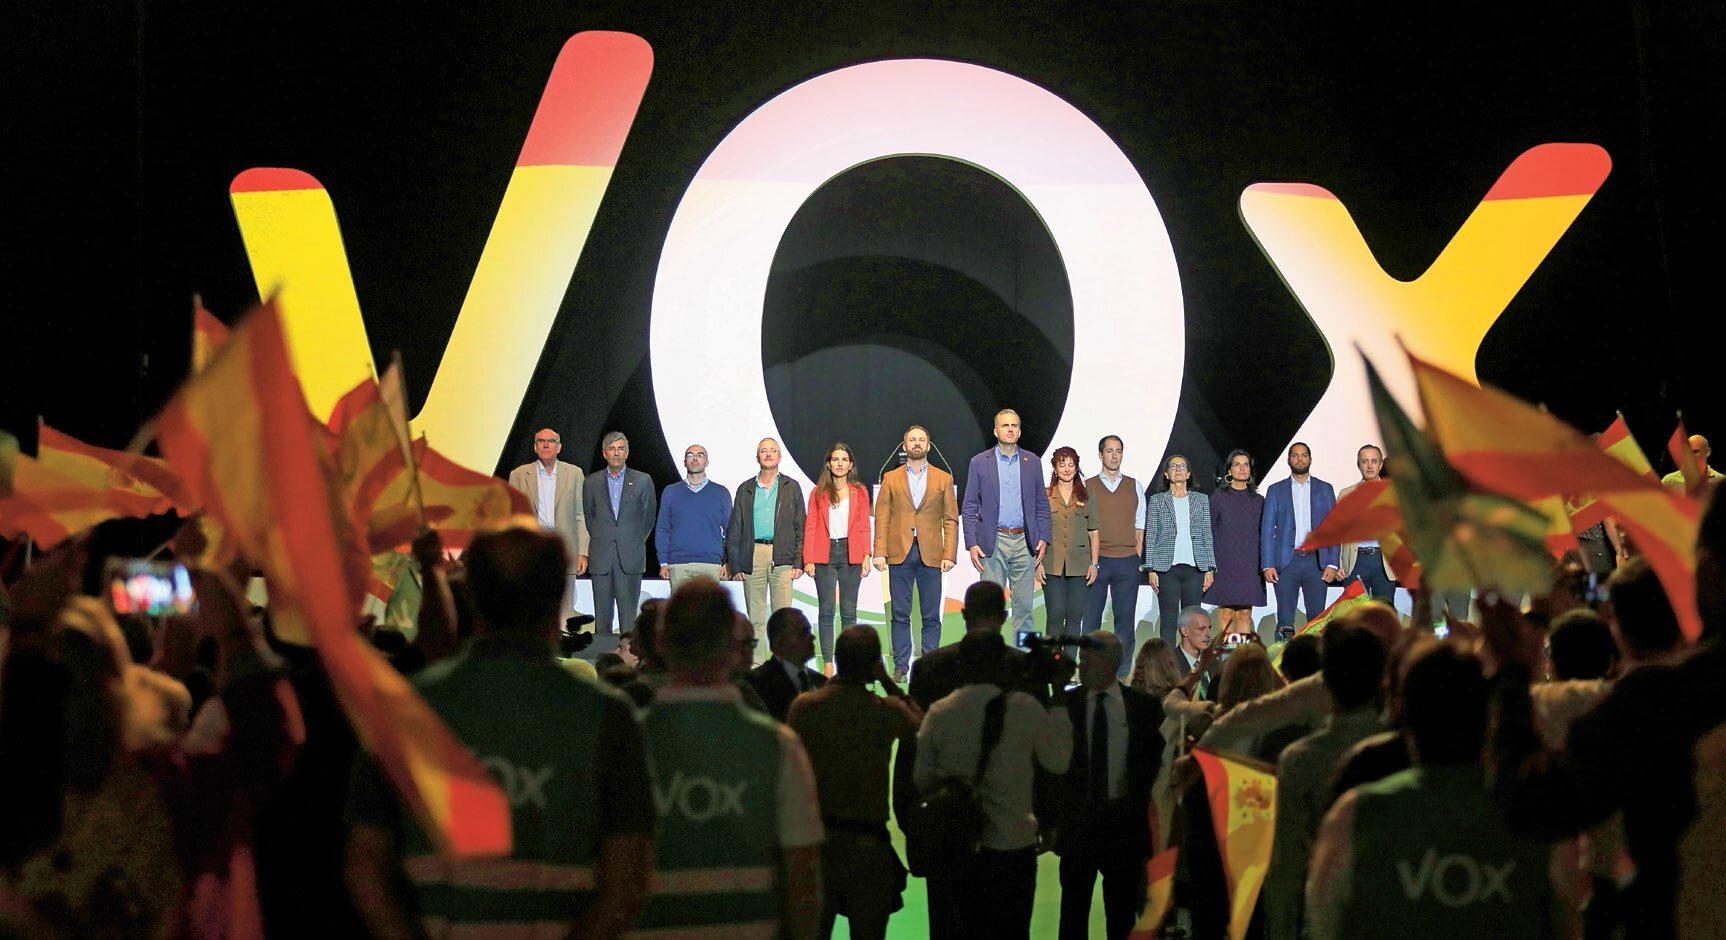 Jeszcze w 2015 r. VOX ledwie zebrał w wyborach 20 tys. głosów (0,46 proc.). W grudniu 2018 r. w wyborach do parlamentu Andaluzji osiągnął pułap 11 proc. i 400 tys. głosów